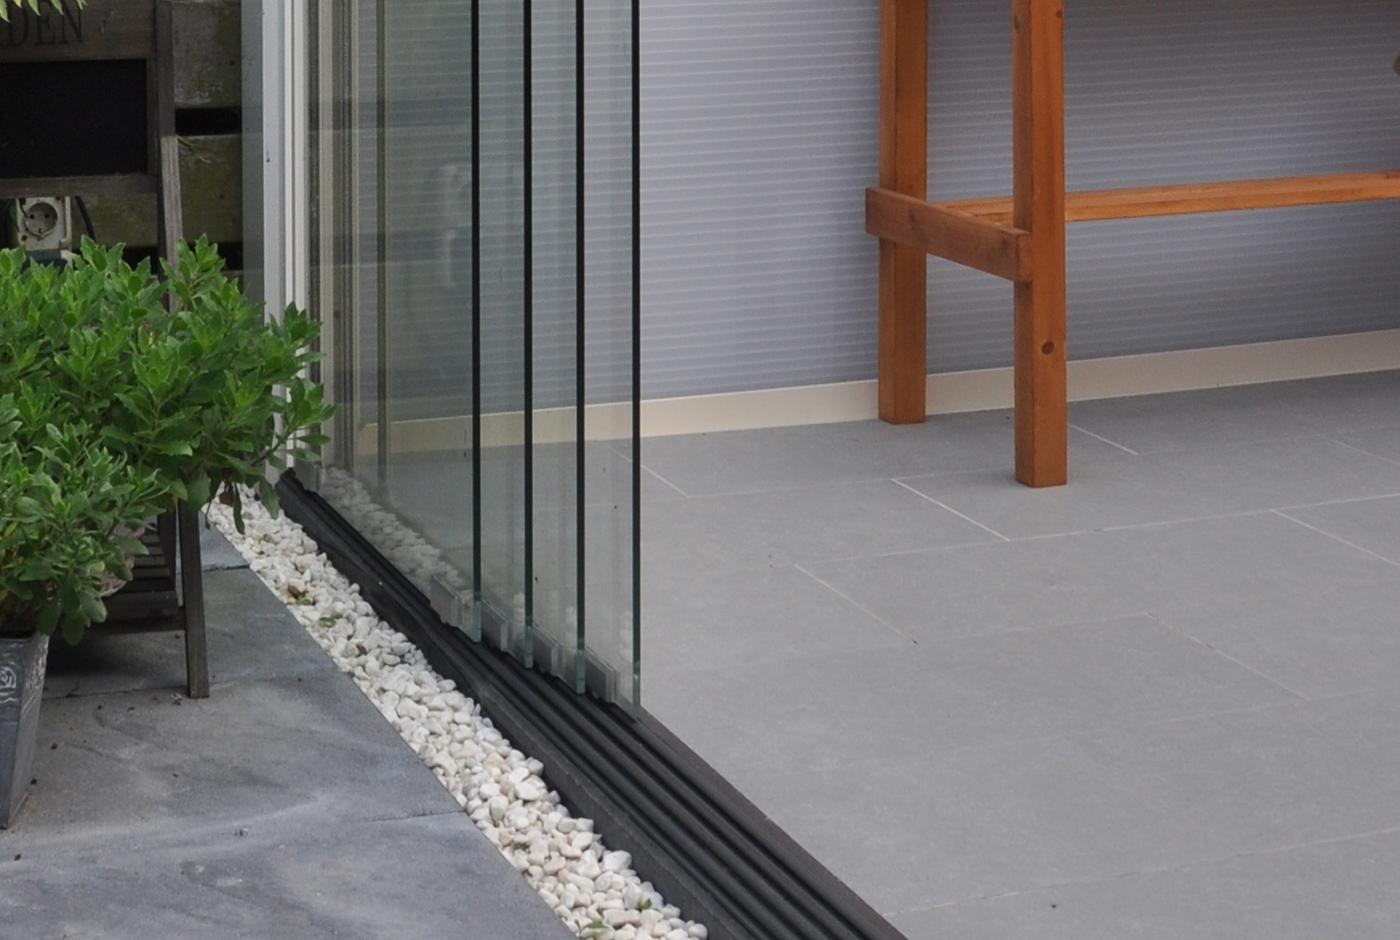 Terrassendach zum Öffnen - Glasschiebetüren & Glasschiebedach